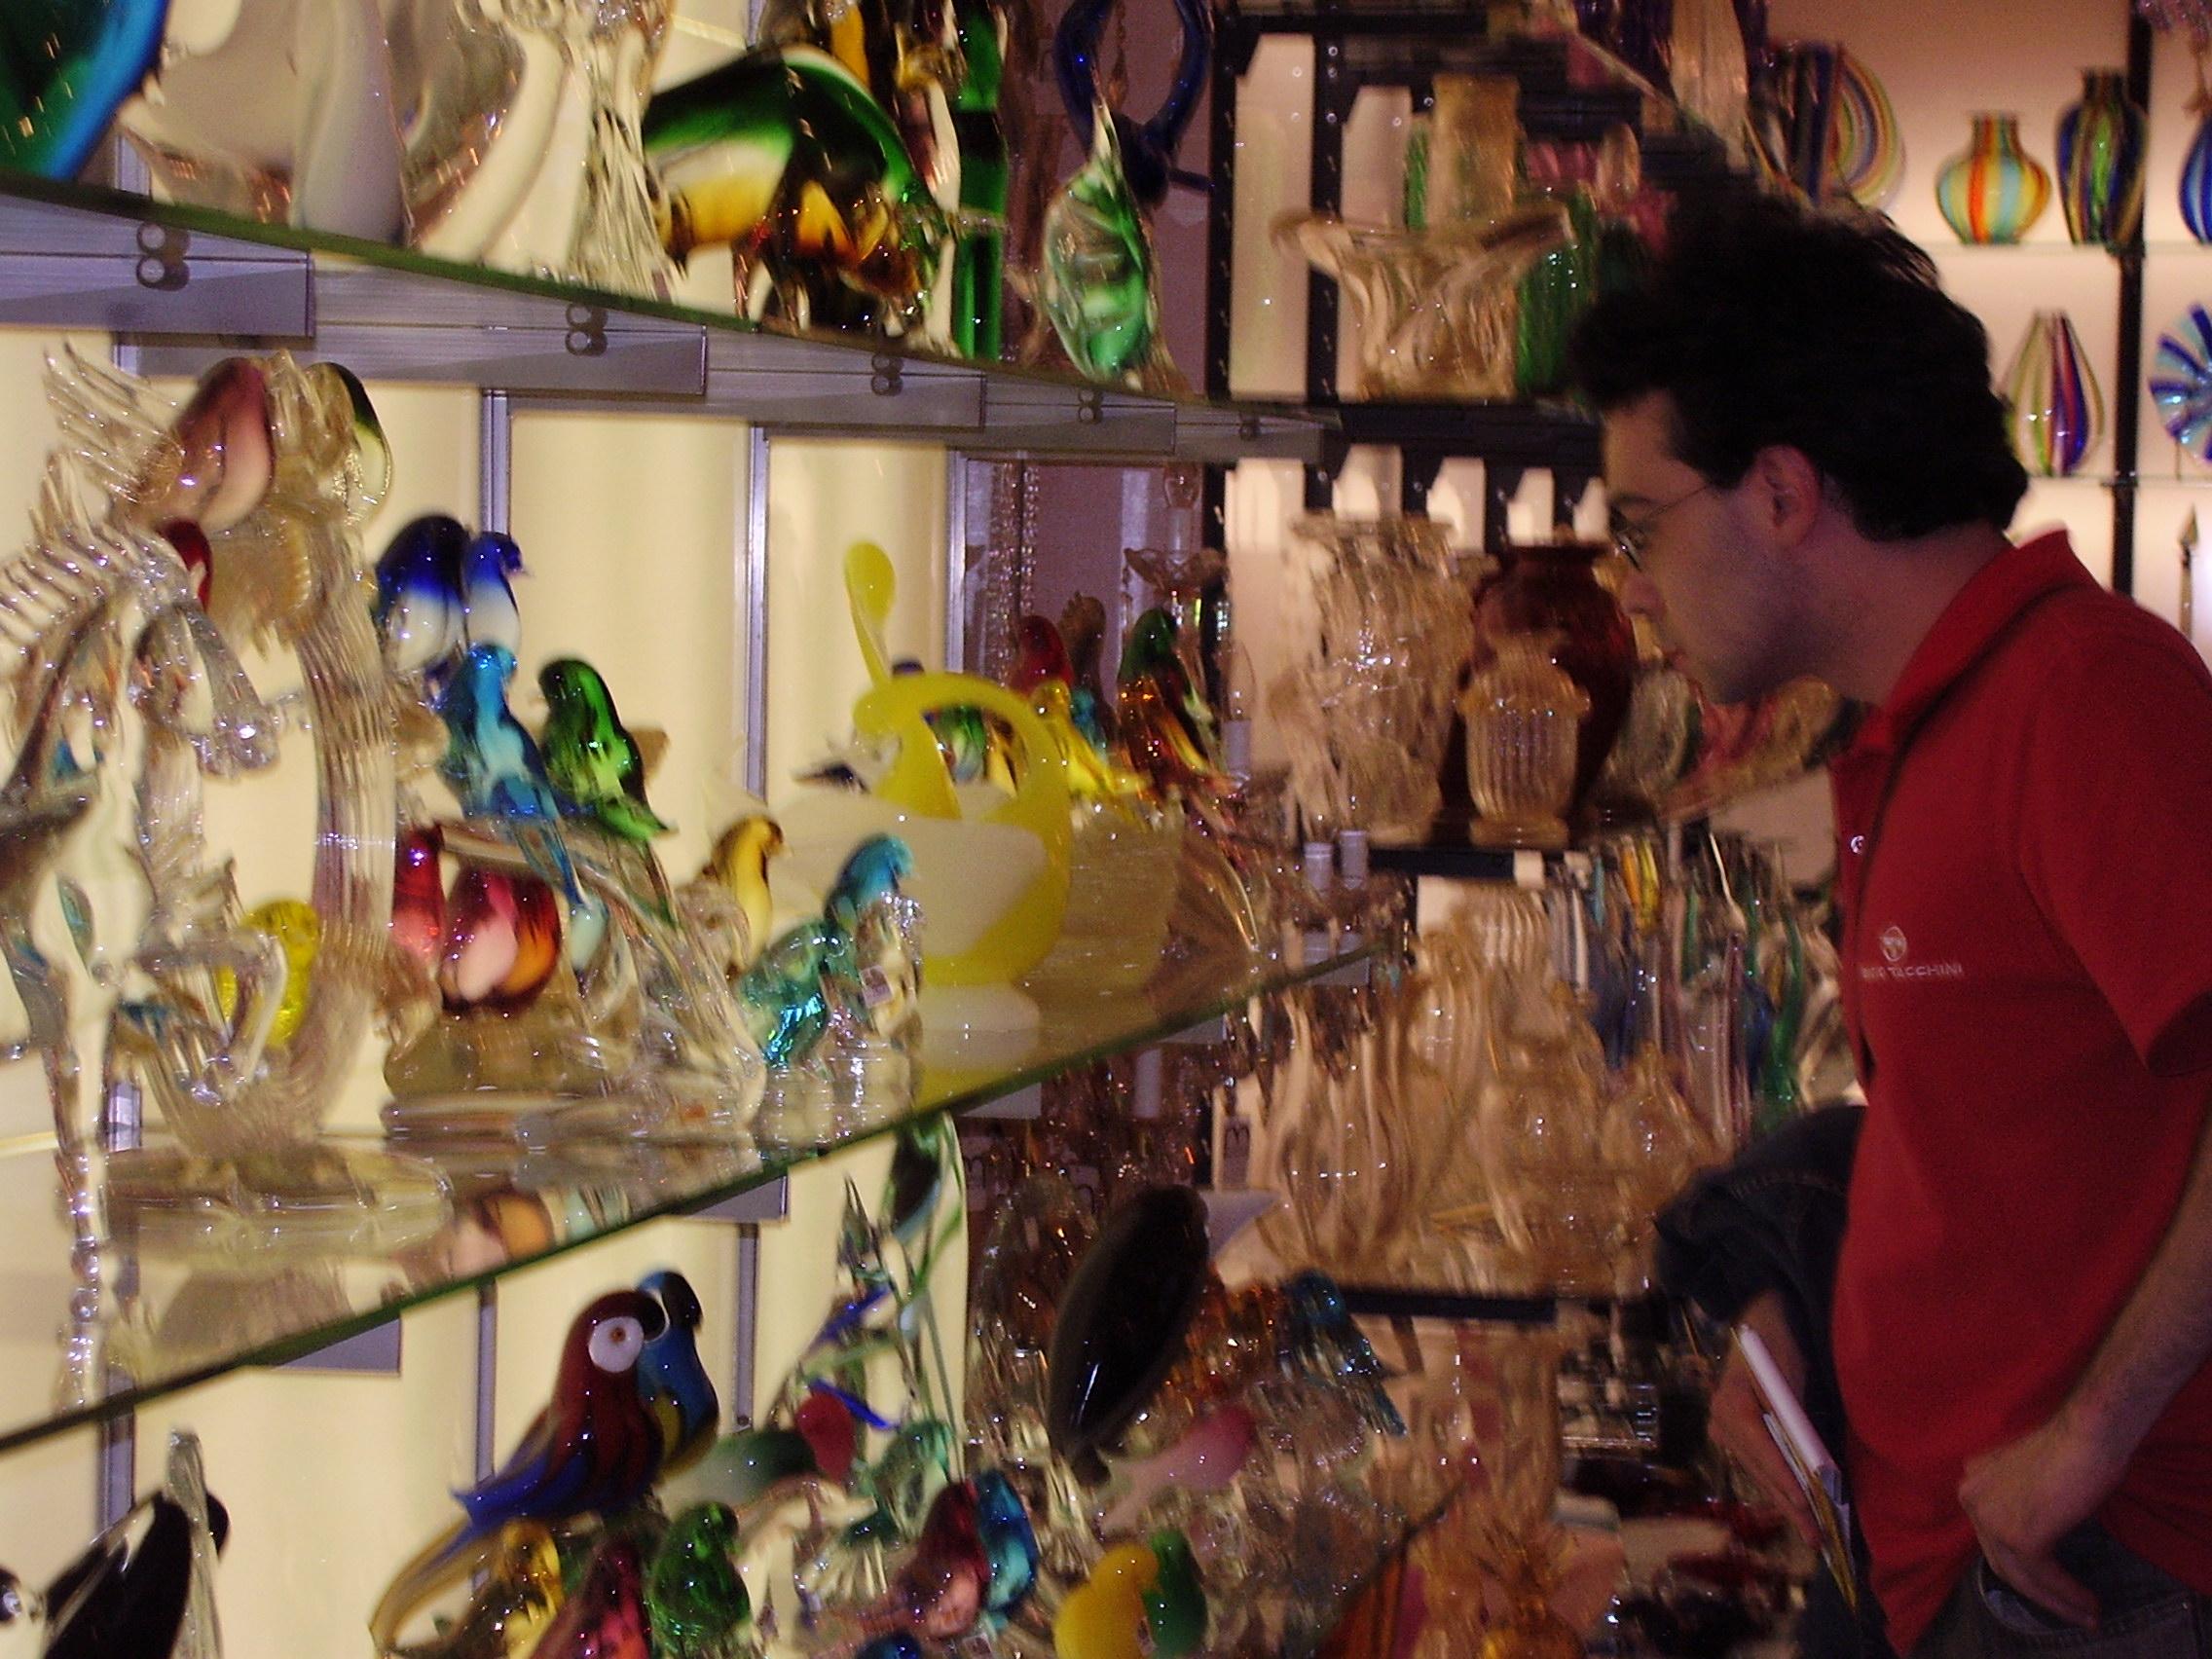 Лаборатория за стъклени изделия в Мурано - Адел Каранов екскурзии